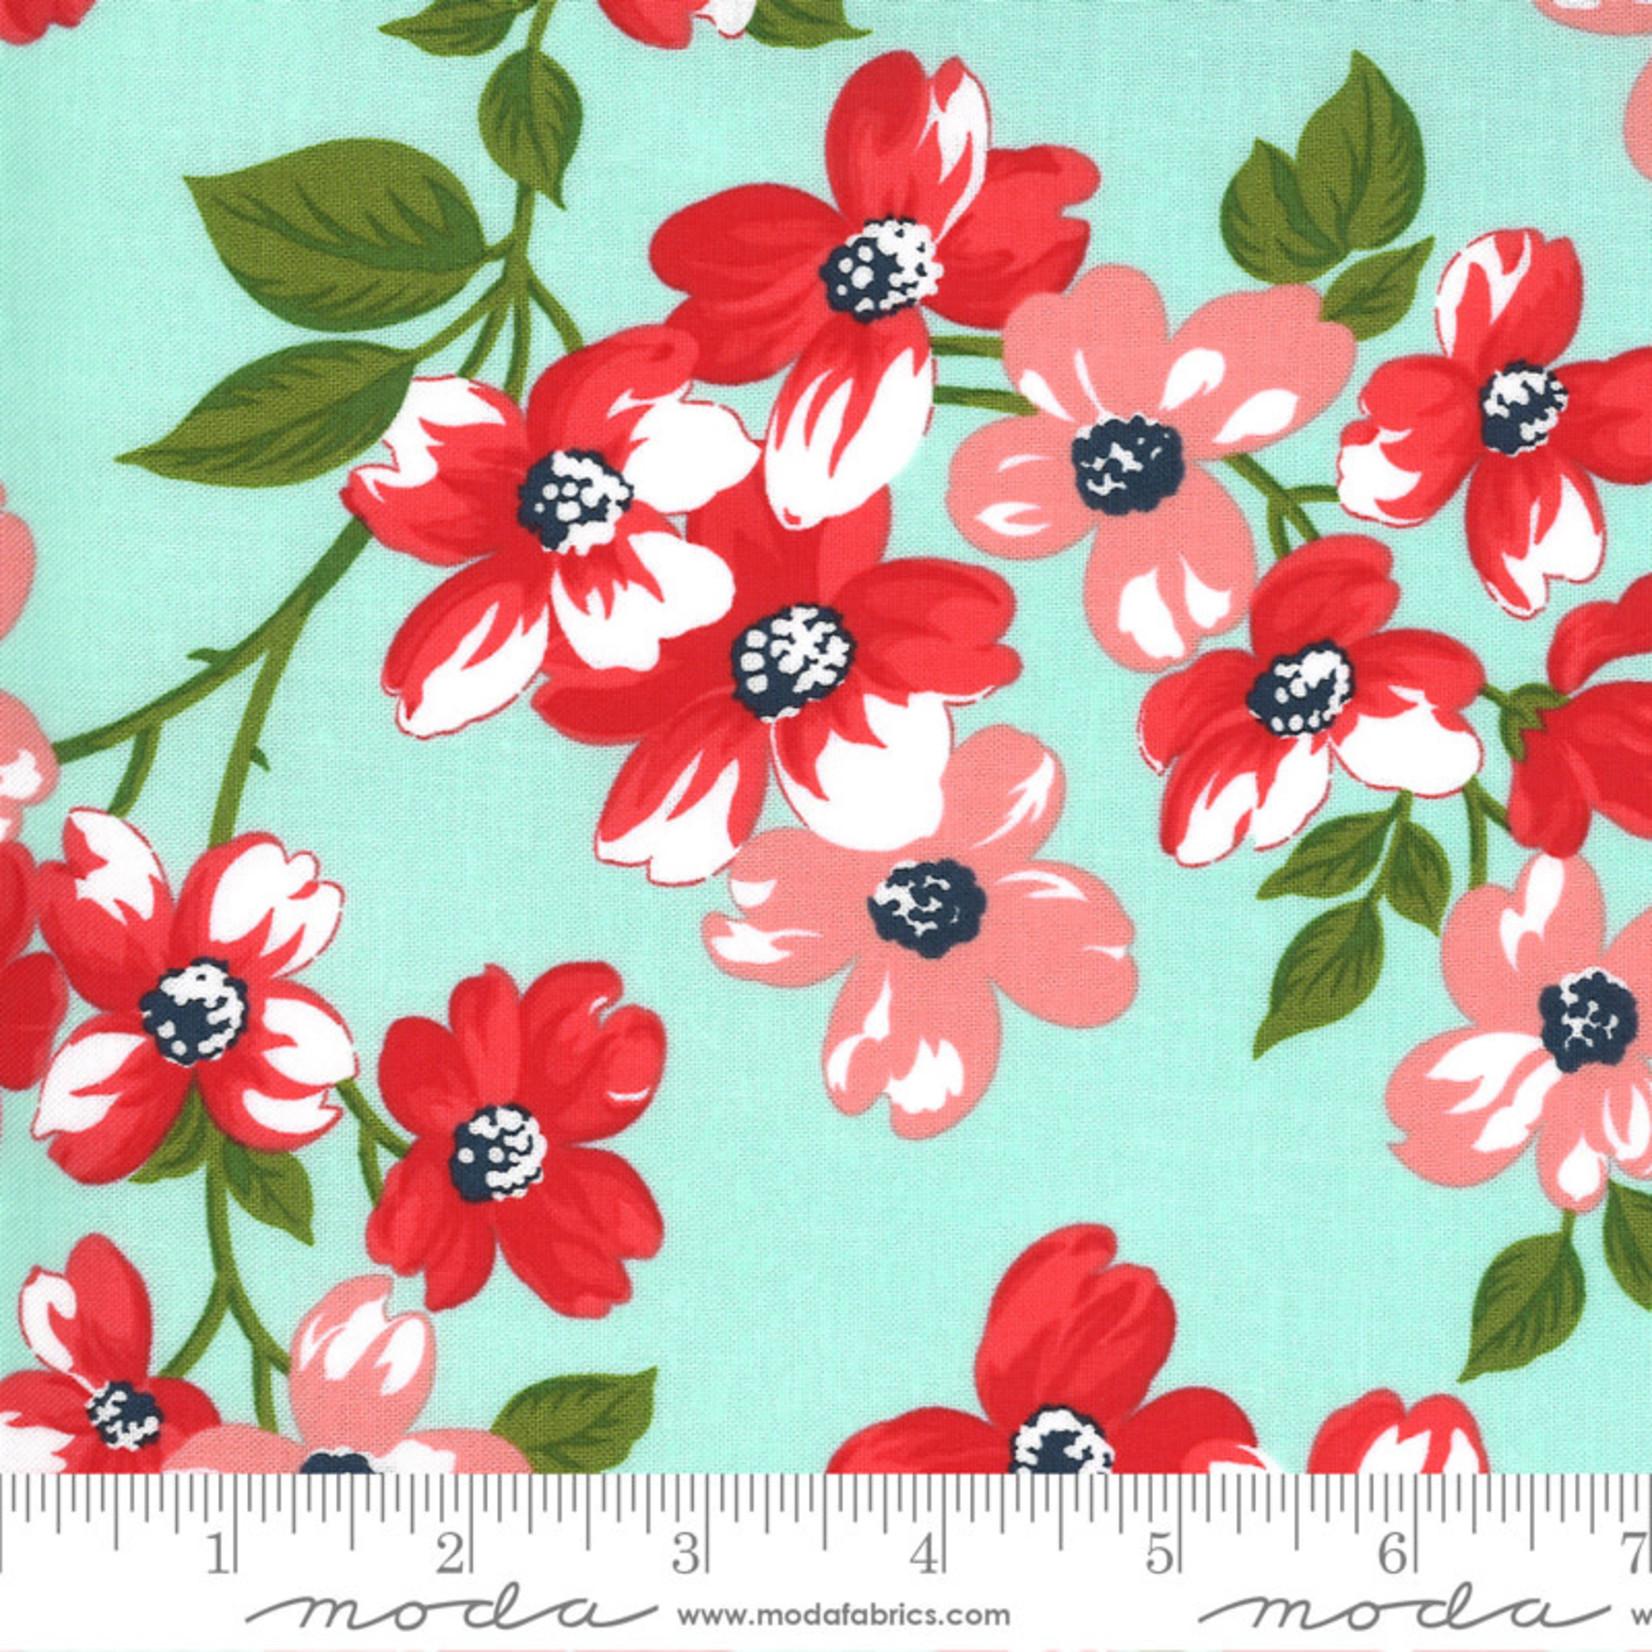 Bonnie & Camille Sunday Stroll, Full Bloom, Aqua 55220 14 $0.20 per cm or $20/m